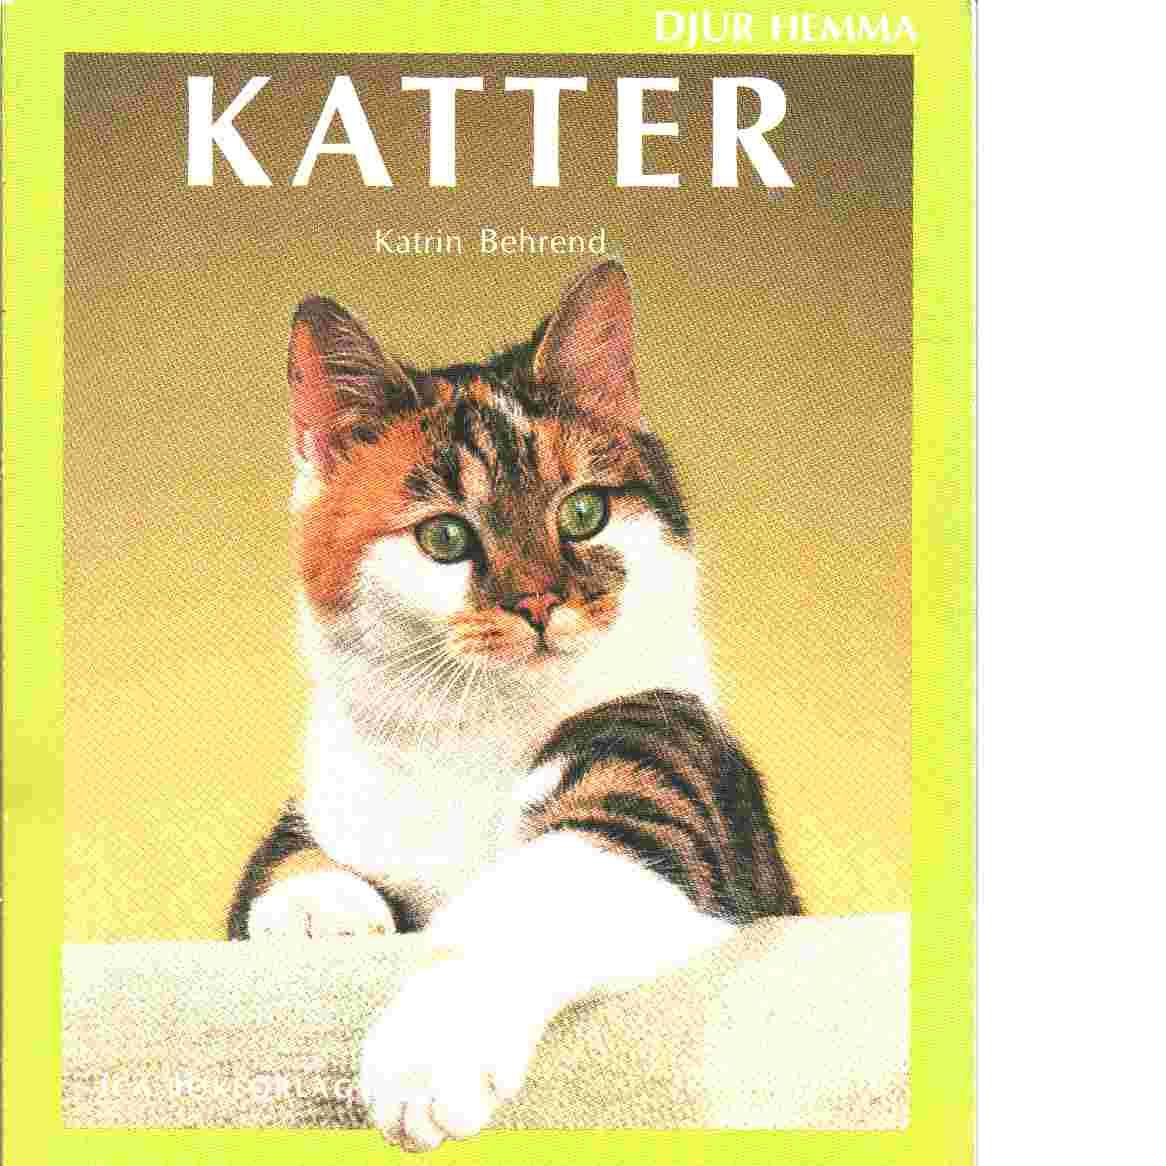 Katter - Behrend, Katrin